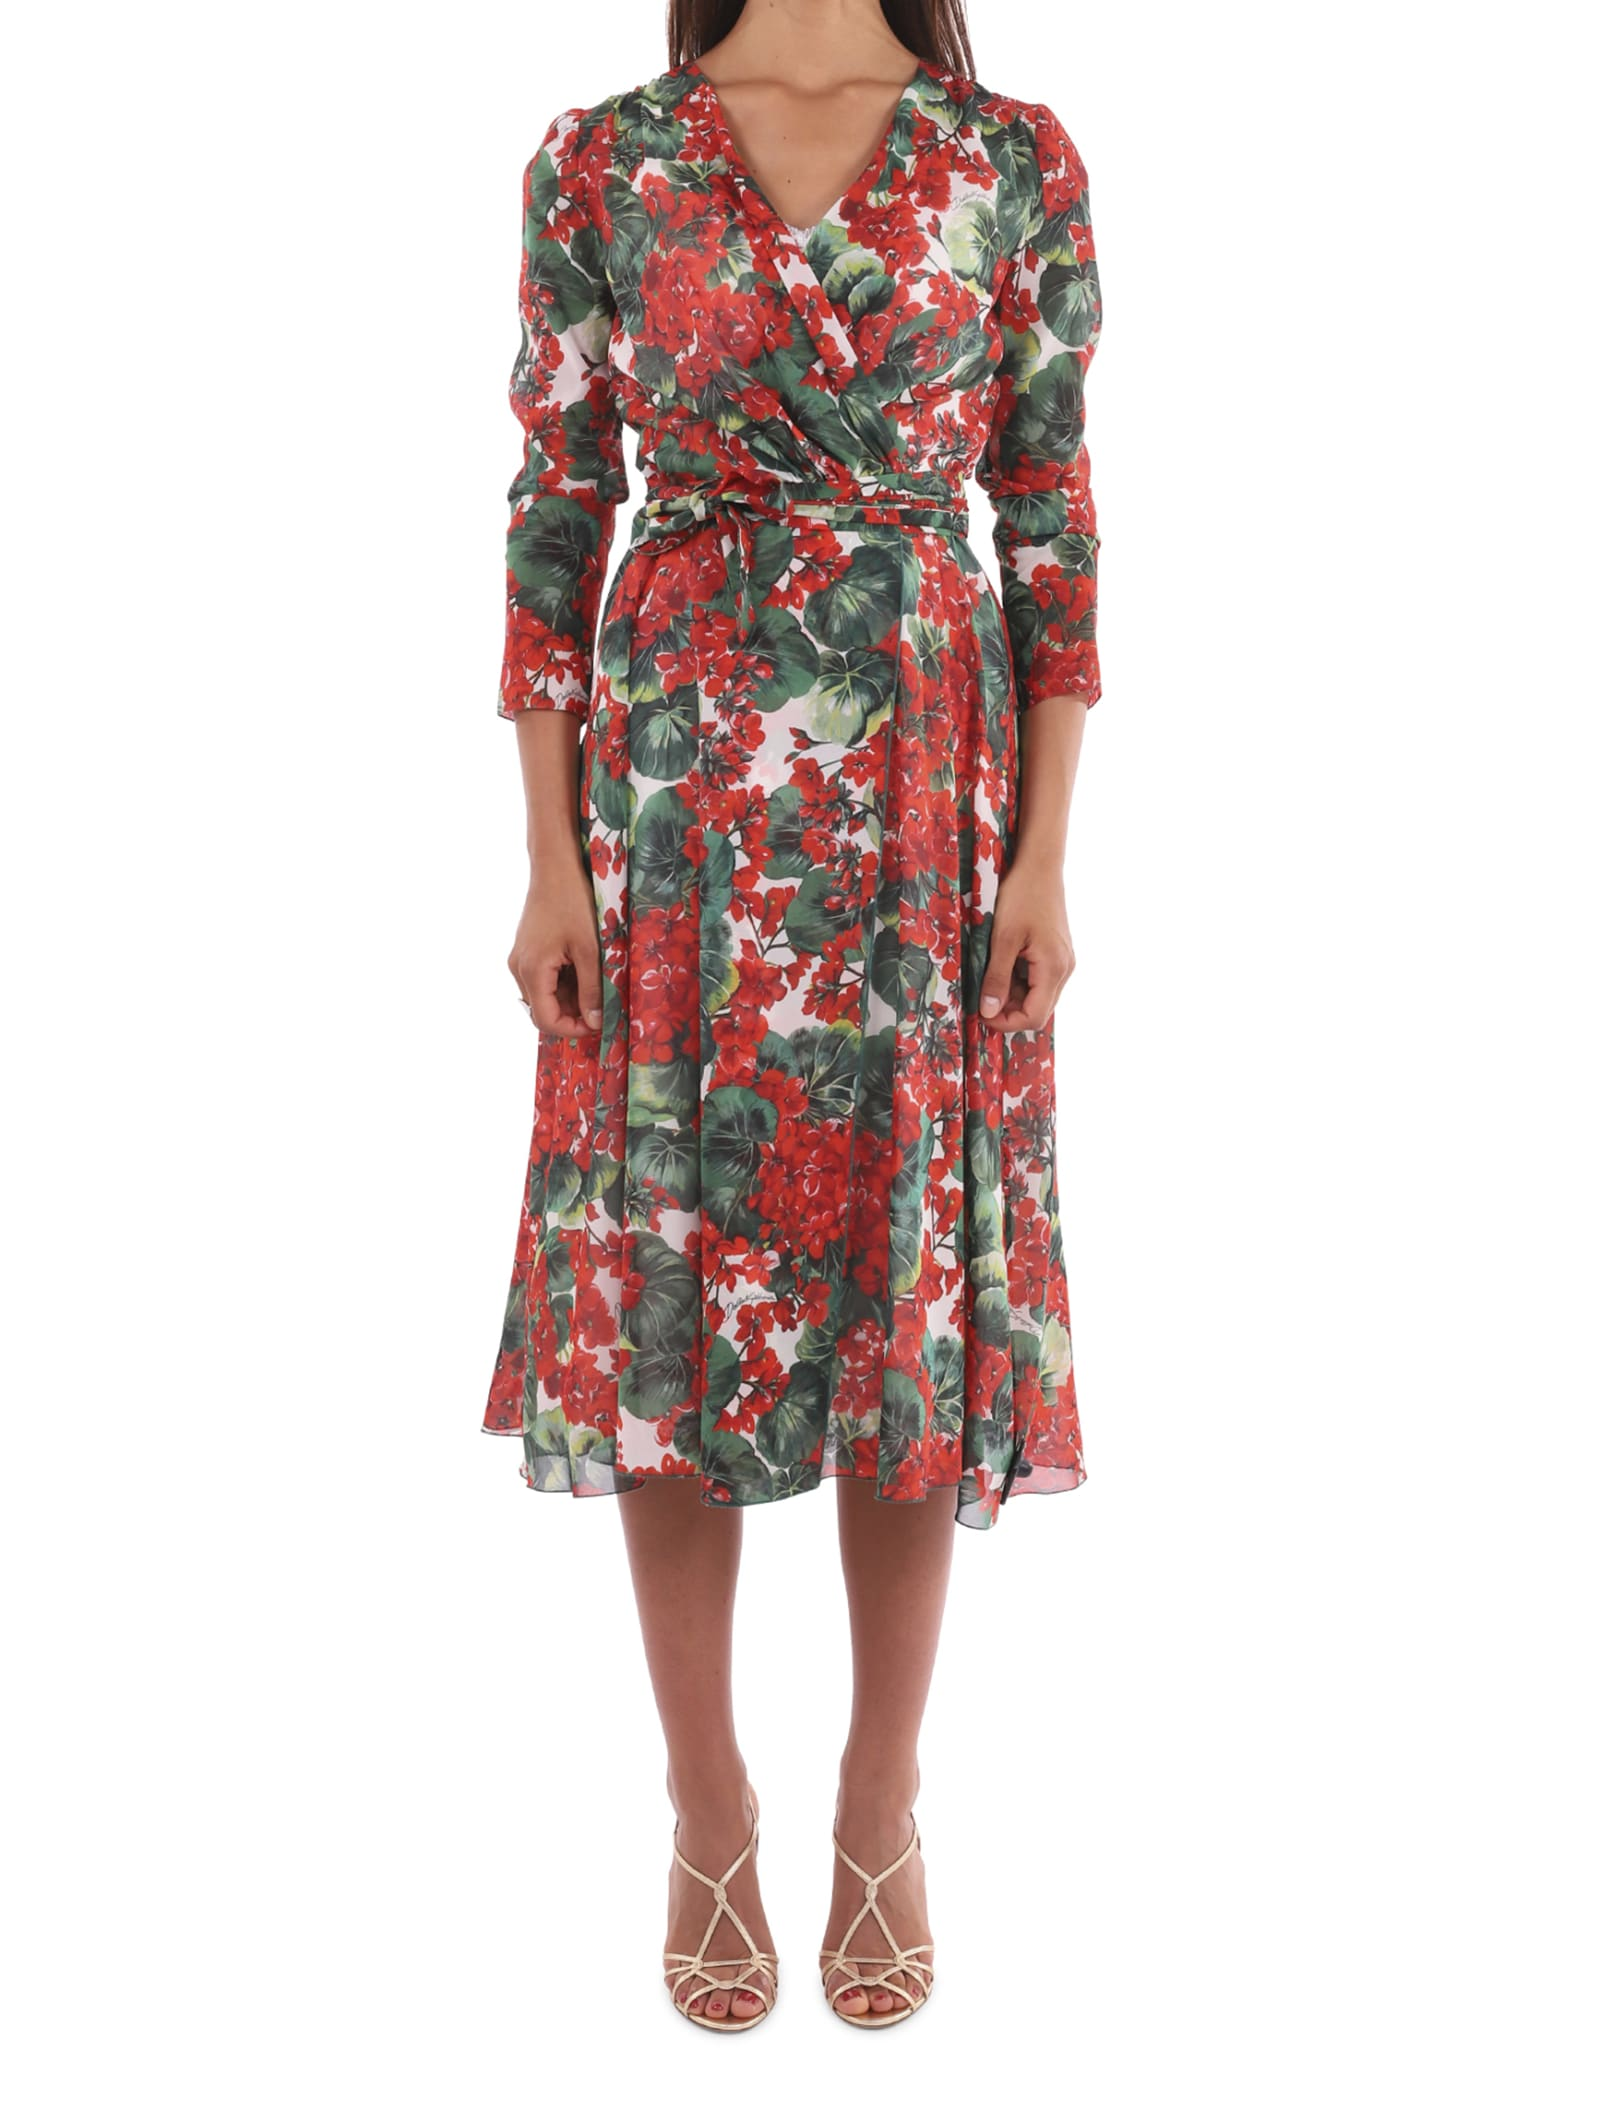 Dolce & Gabbana Geranium Dress